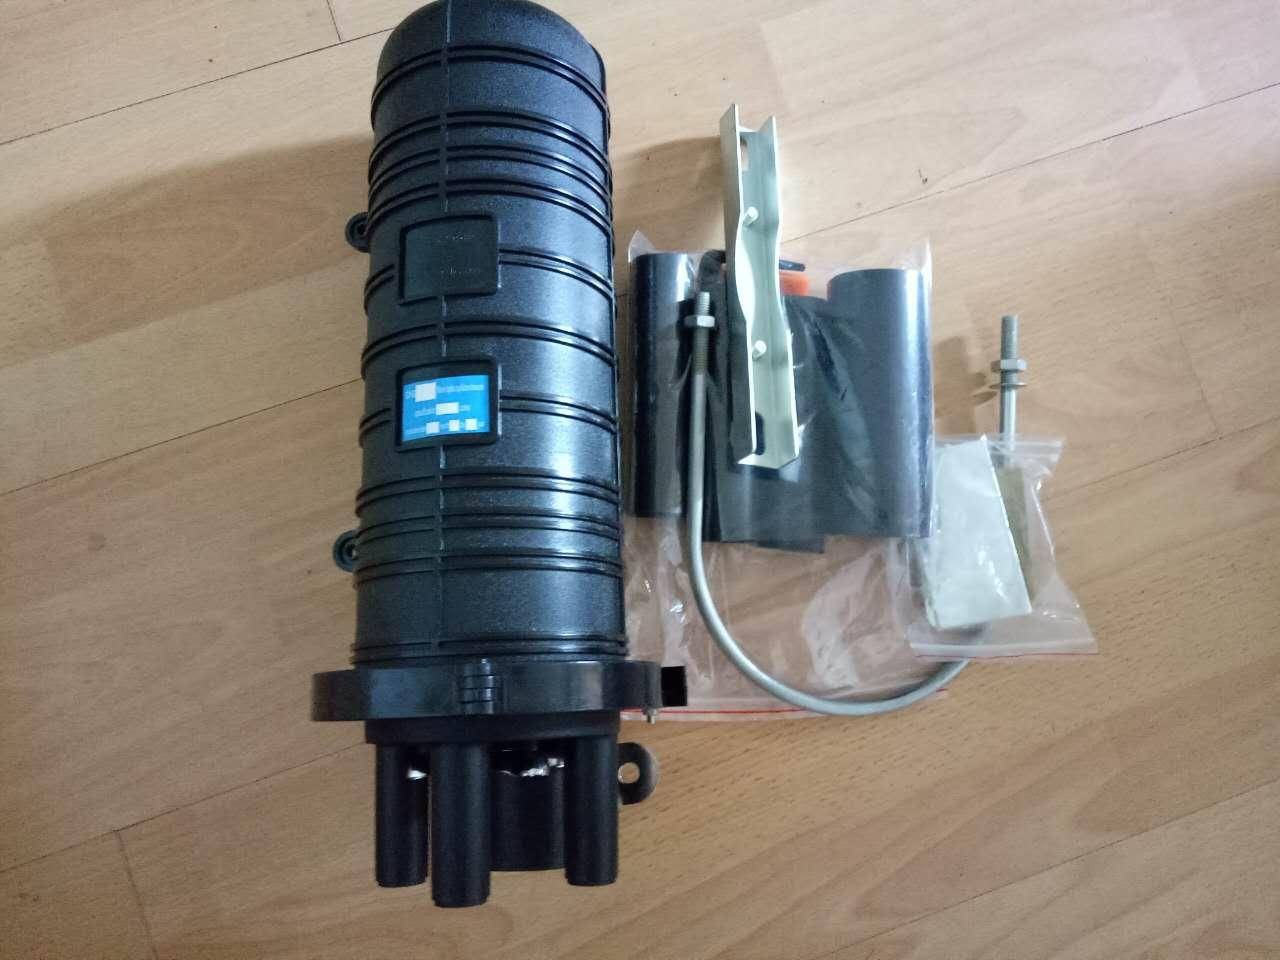 4,光纤接头保护:把热缩后的保护套管放在收容盘里的纤芯固定夹上也